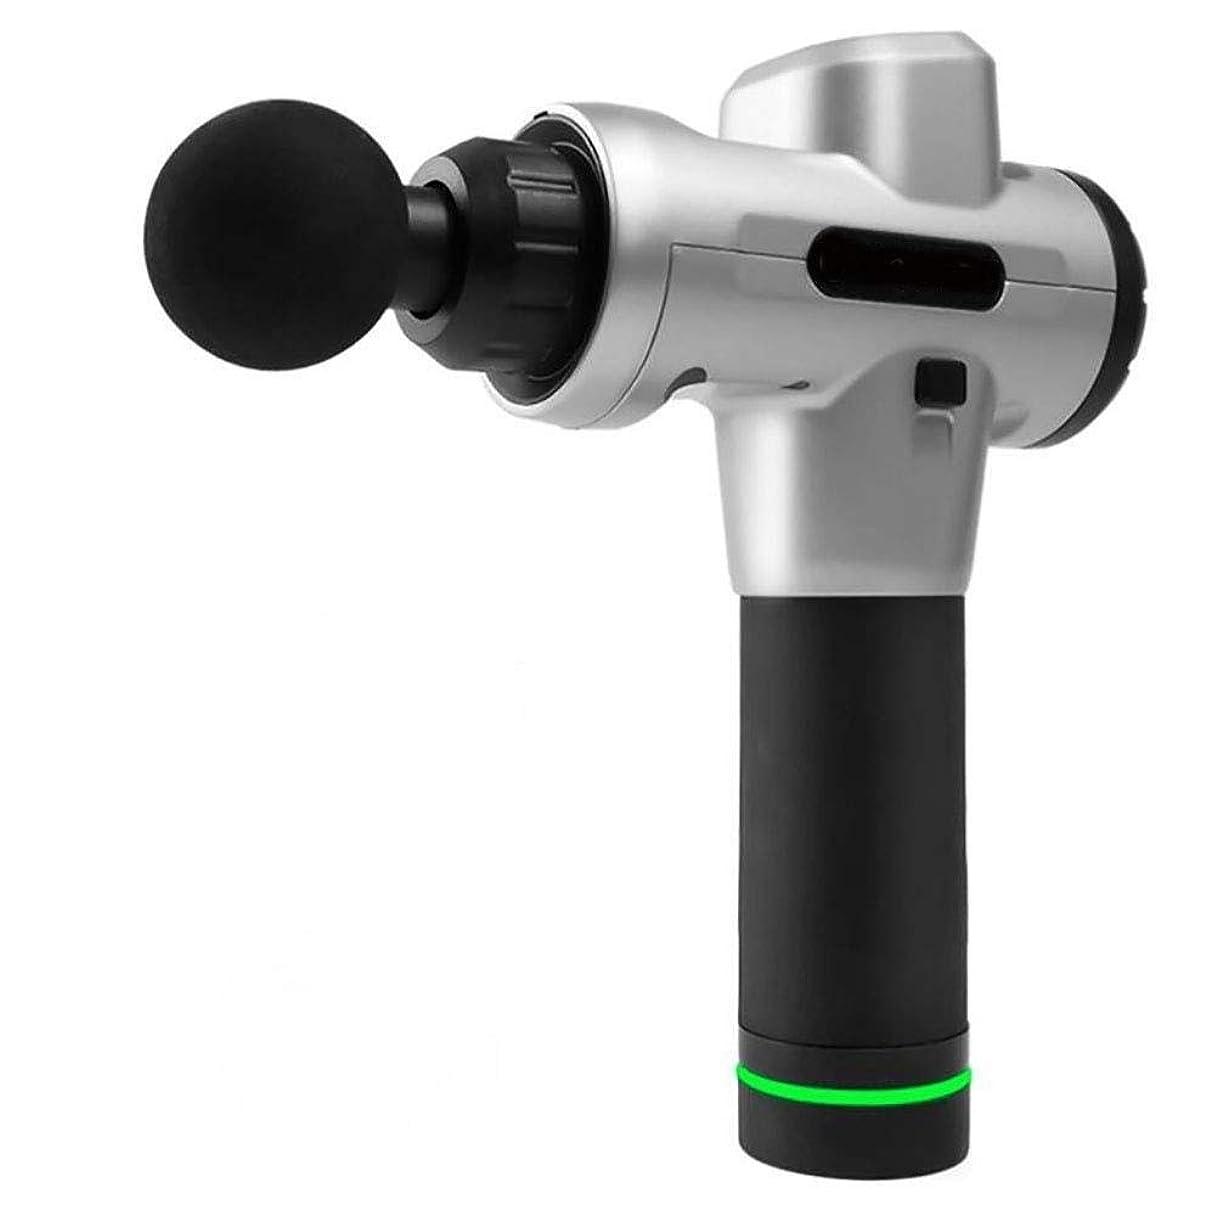 切手解決素晴らしいですXSWZAQ 筋膜銃筋肉ディープリラクゼーション理学療法筋膜マッサージ銃タッチスクリーン